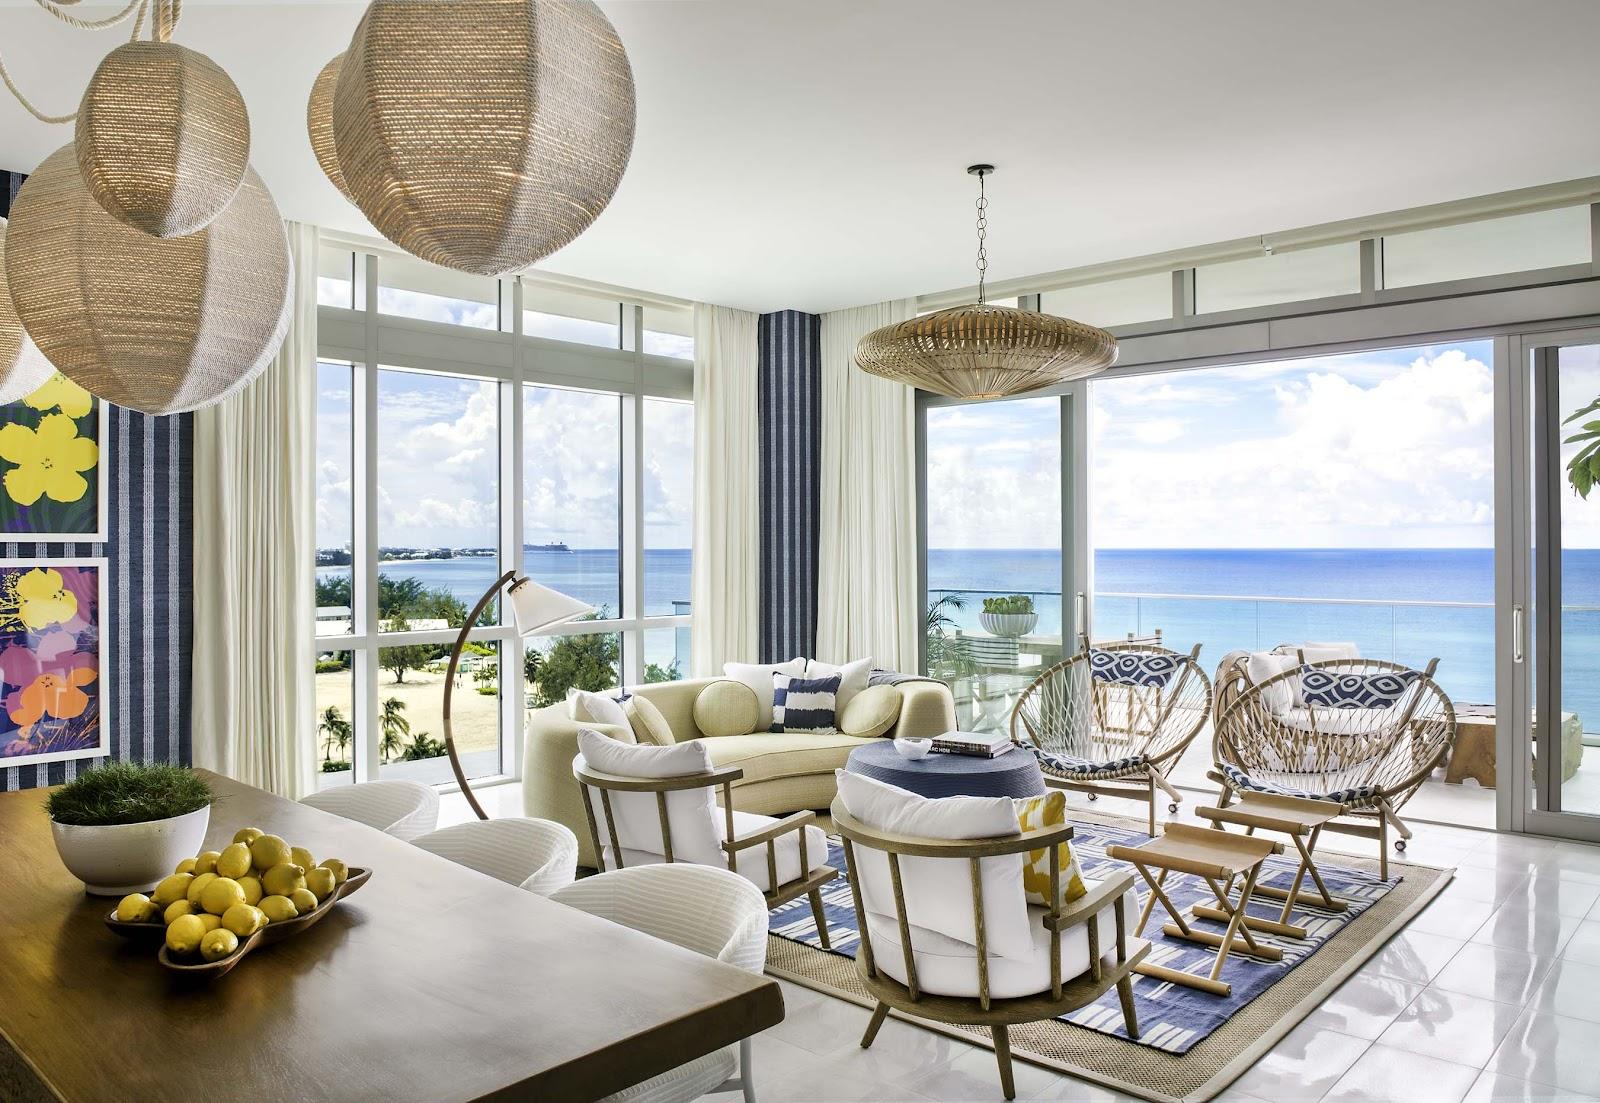 Inspirasi hunian bergaya tropical yang mendatangkan cahaya alami ke dalam rumah - source: prnewswire.com